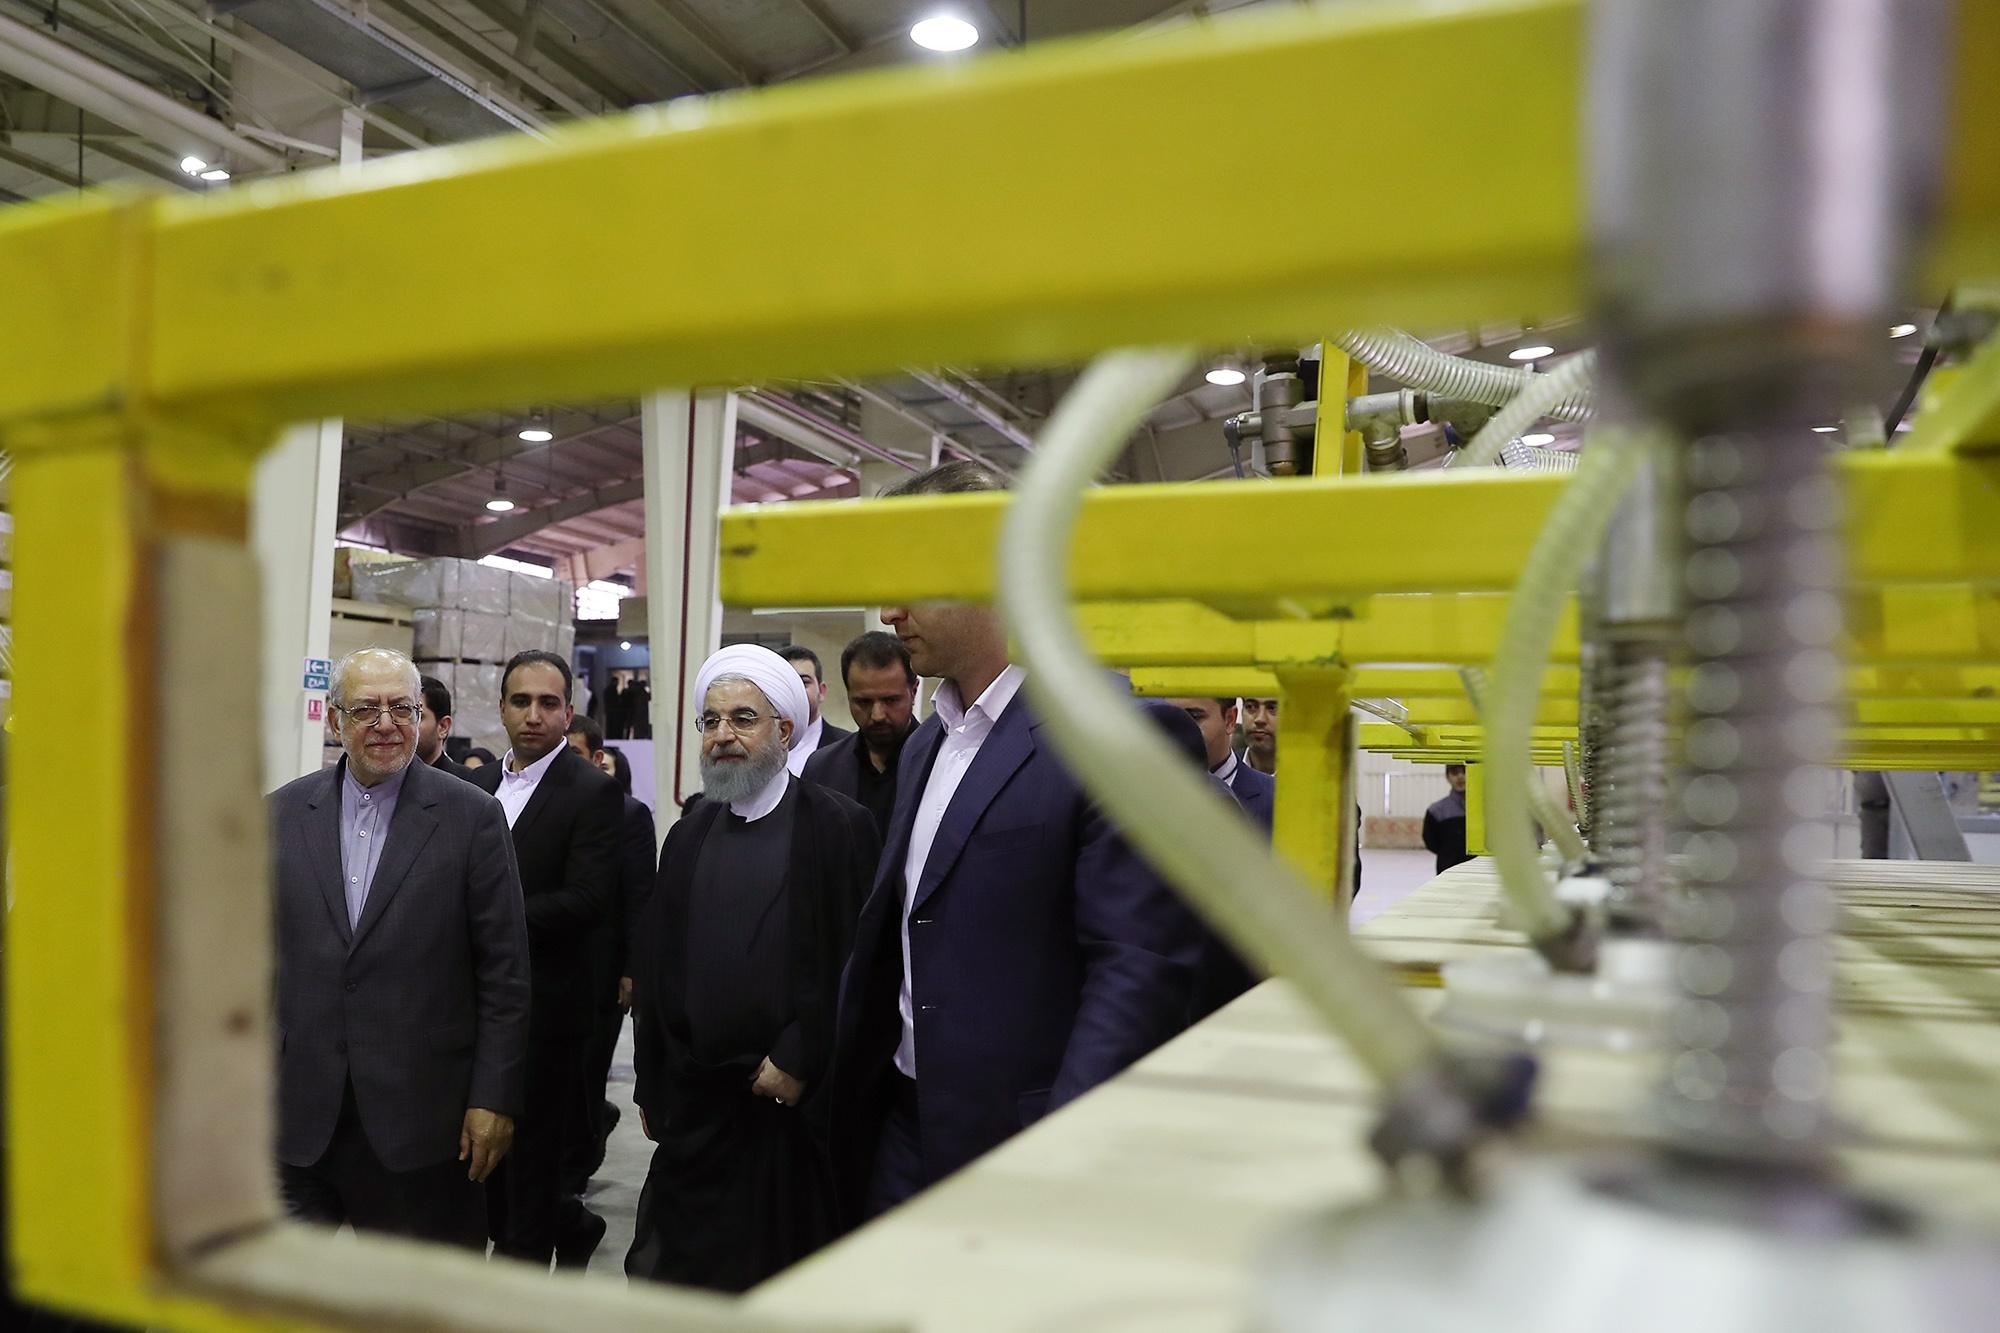 افتتاح 17 طرح و پروژه زیربنایی در قزوین با حضور رئیس جمهور